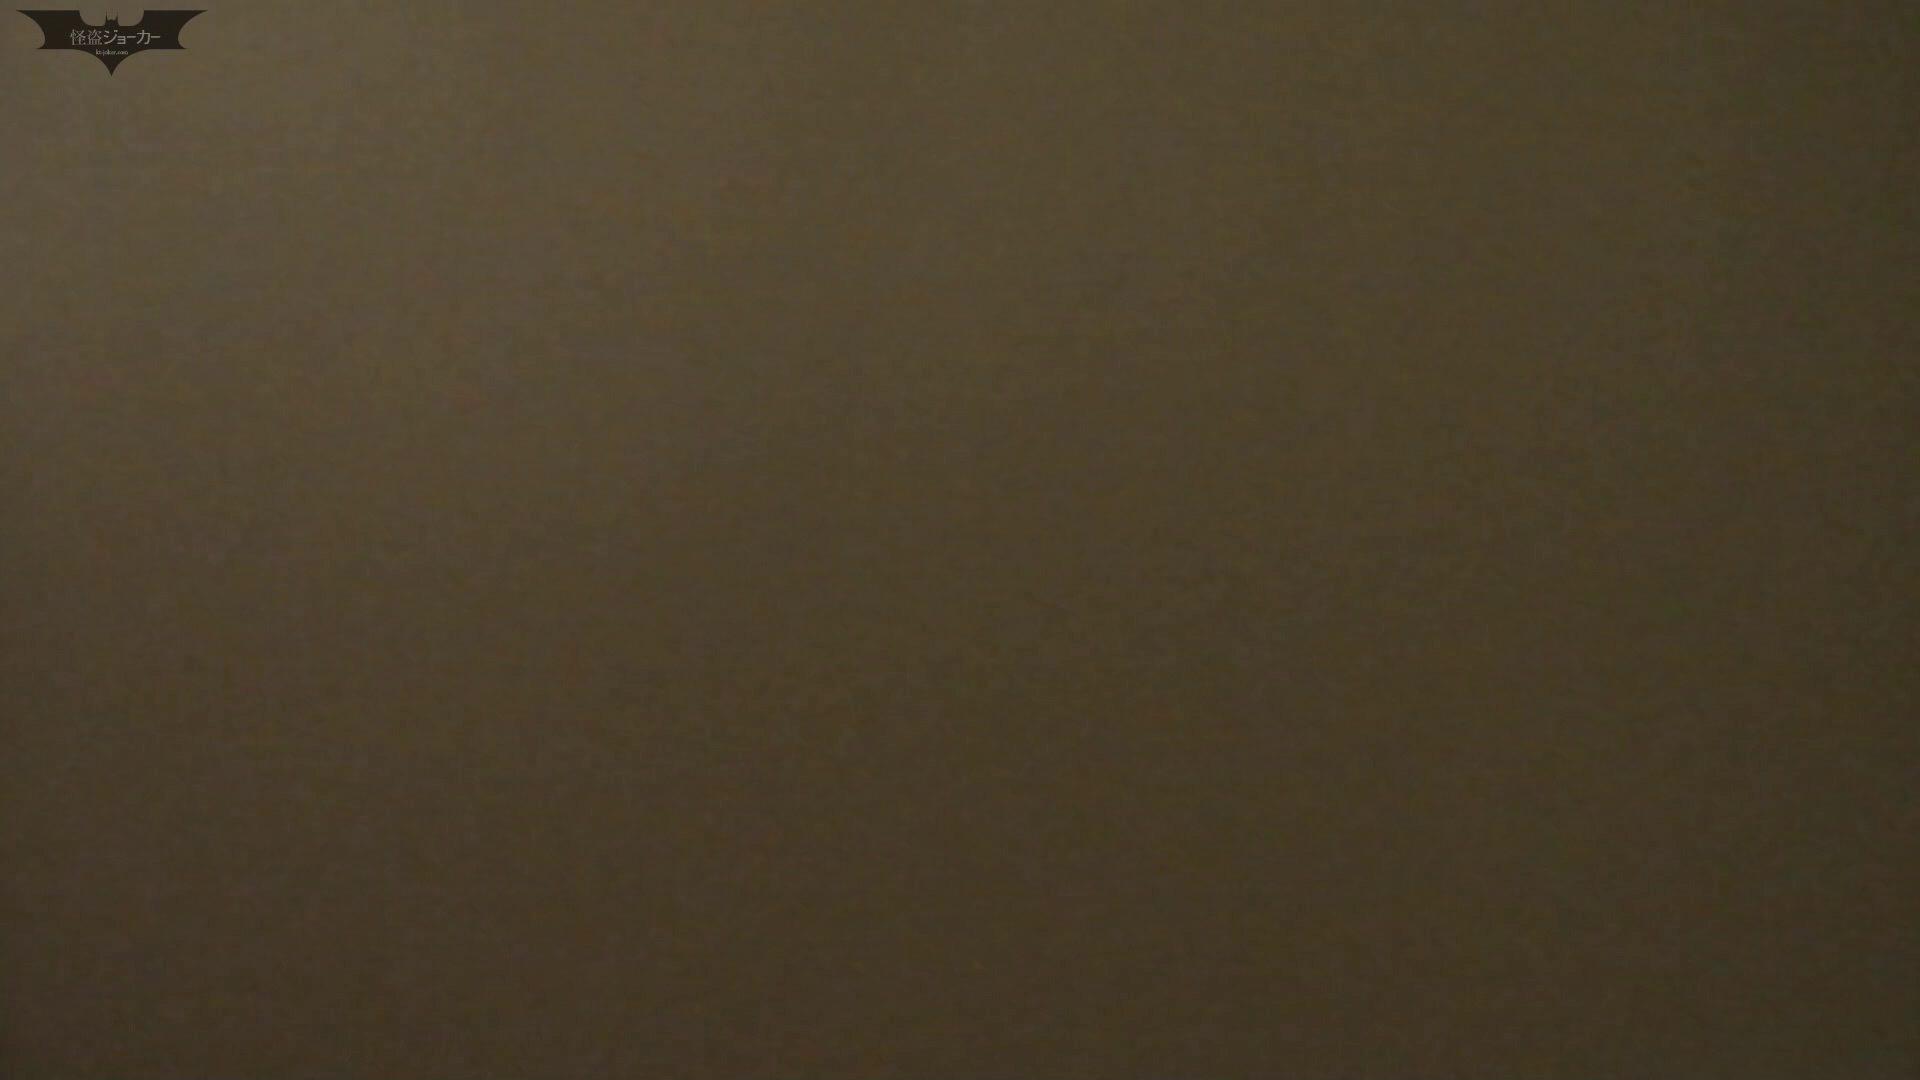 ステーション編 vol.26 壁を乗り越えたら絶景が待っていた!! 盛合せ オマンコ無修正動画無料 100画像 75